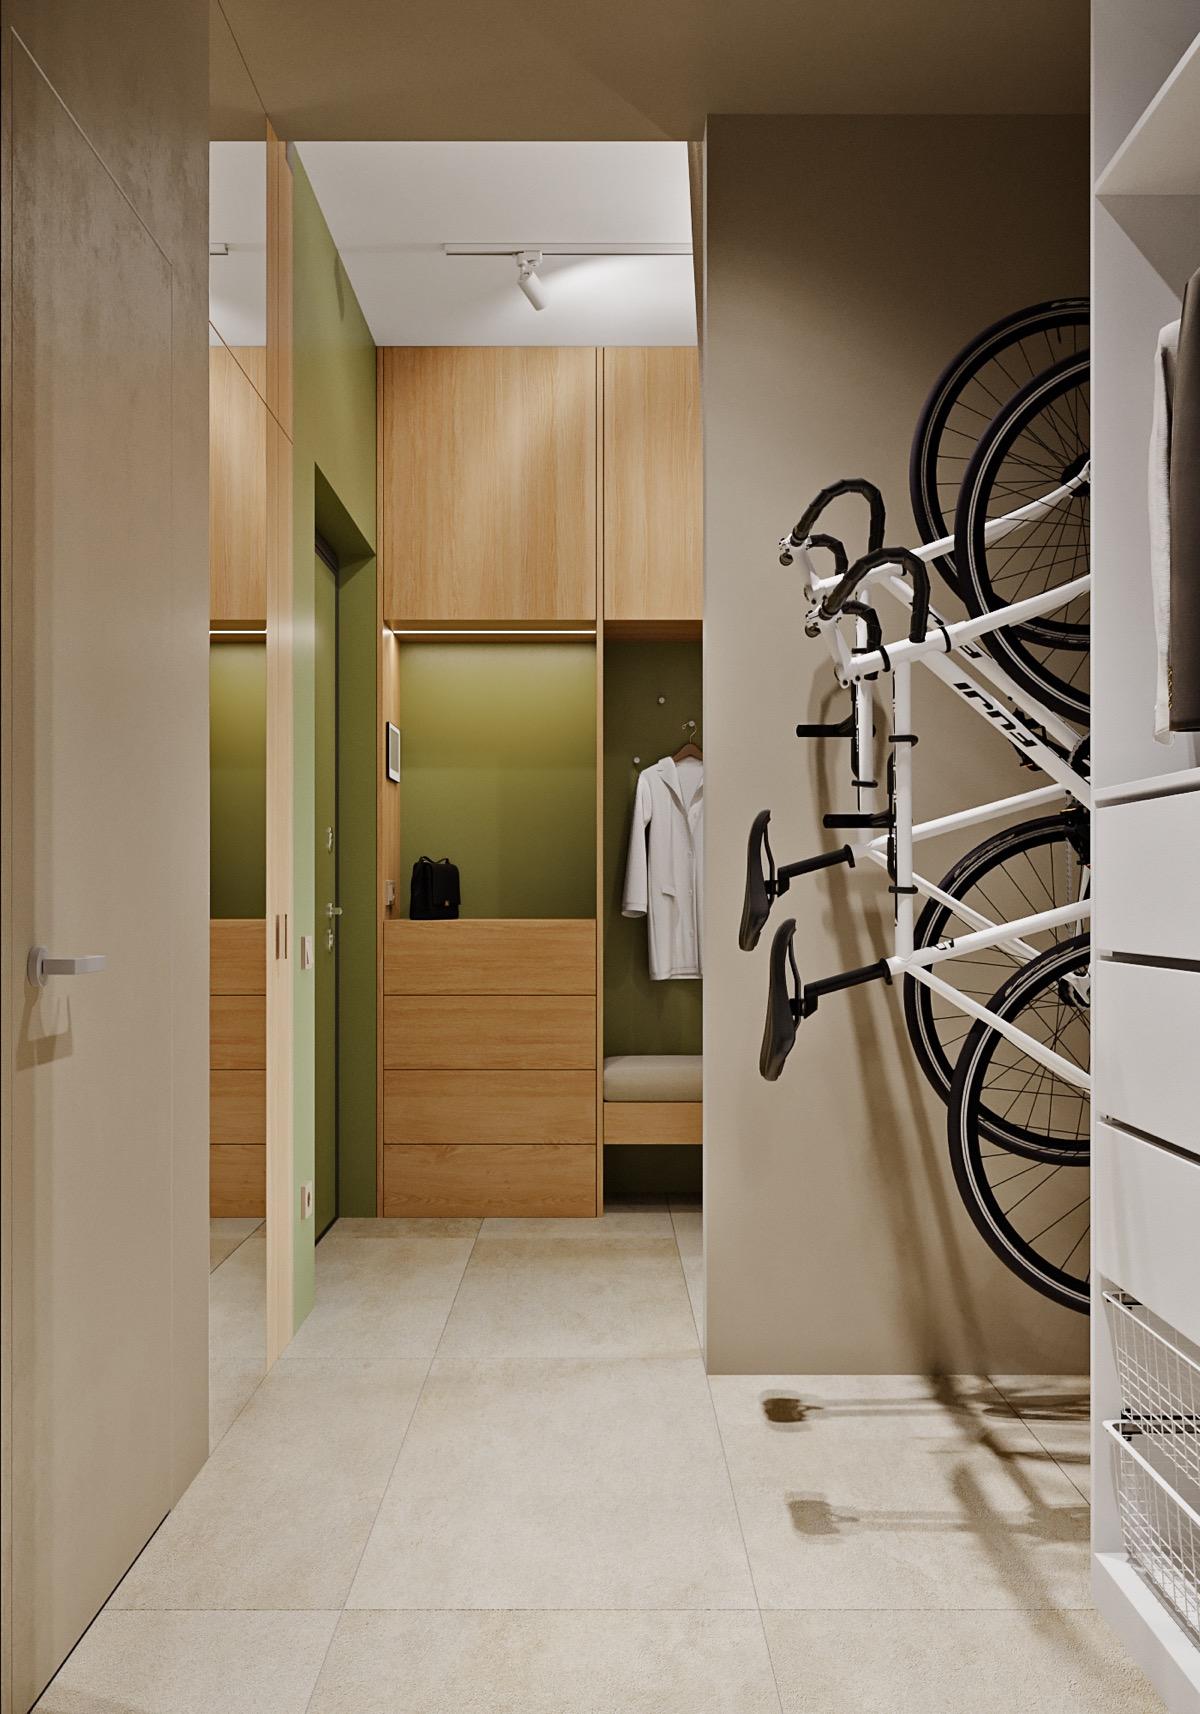 hình ảnh xe đạp trong căn hộ nhỏ